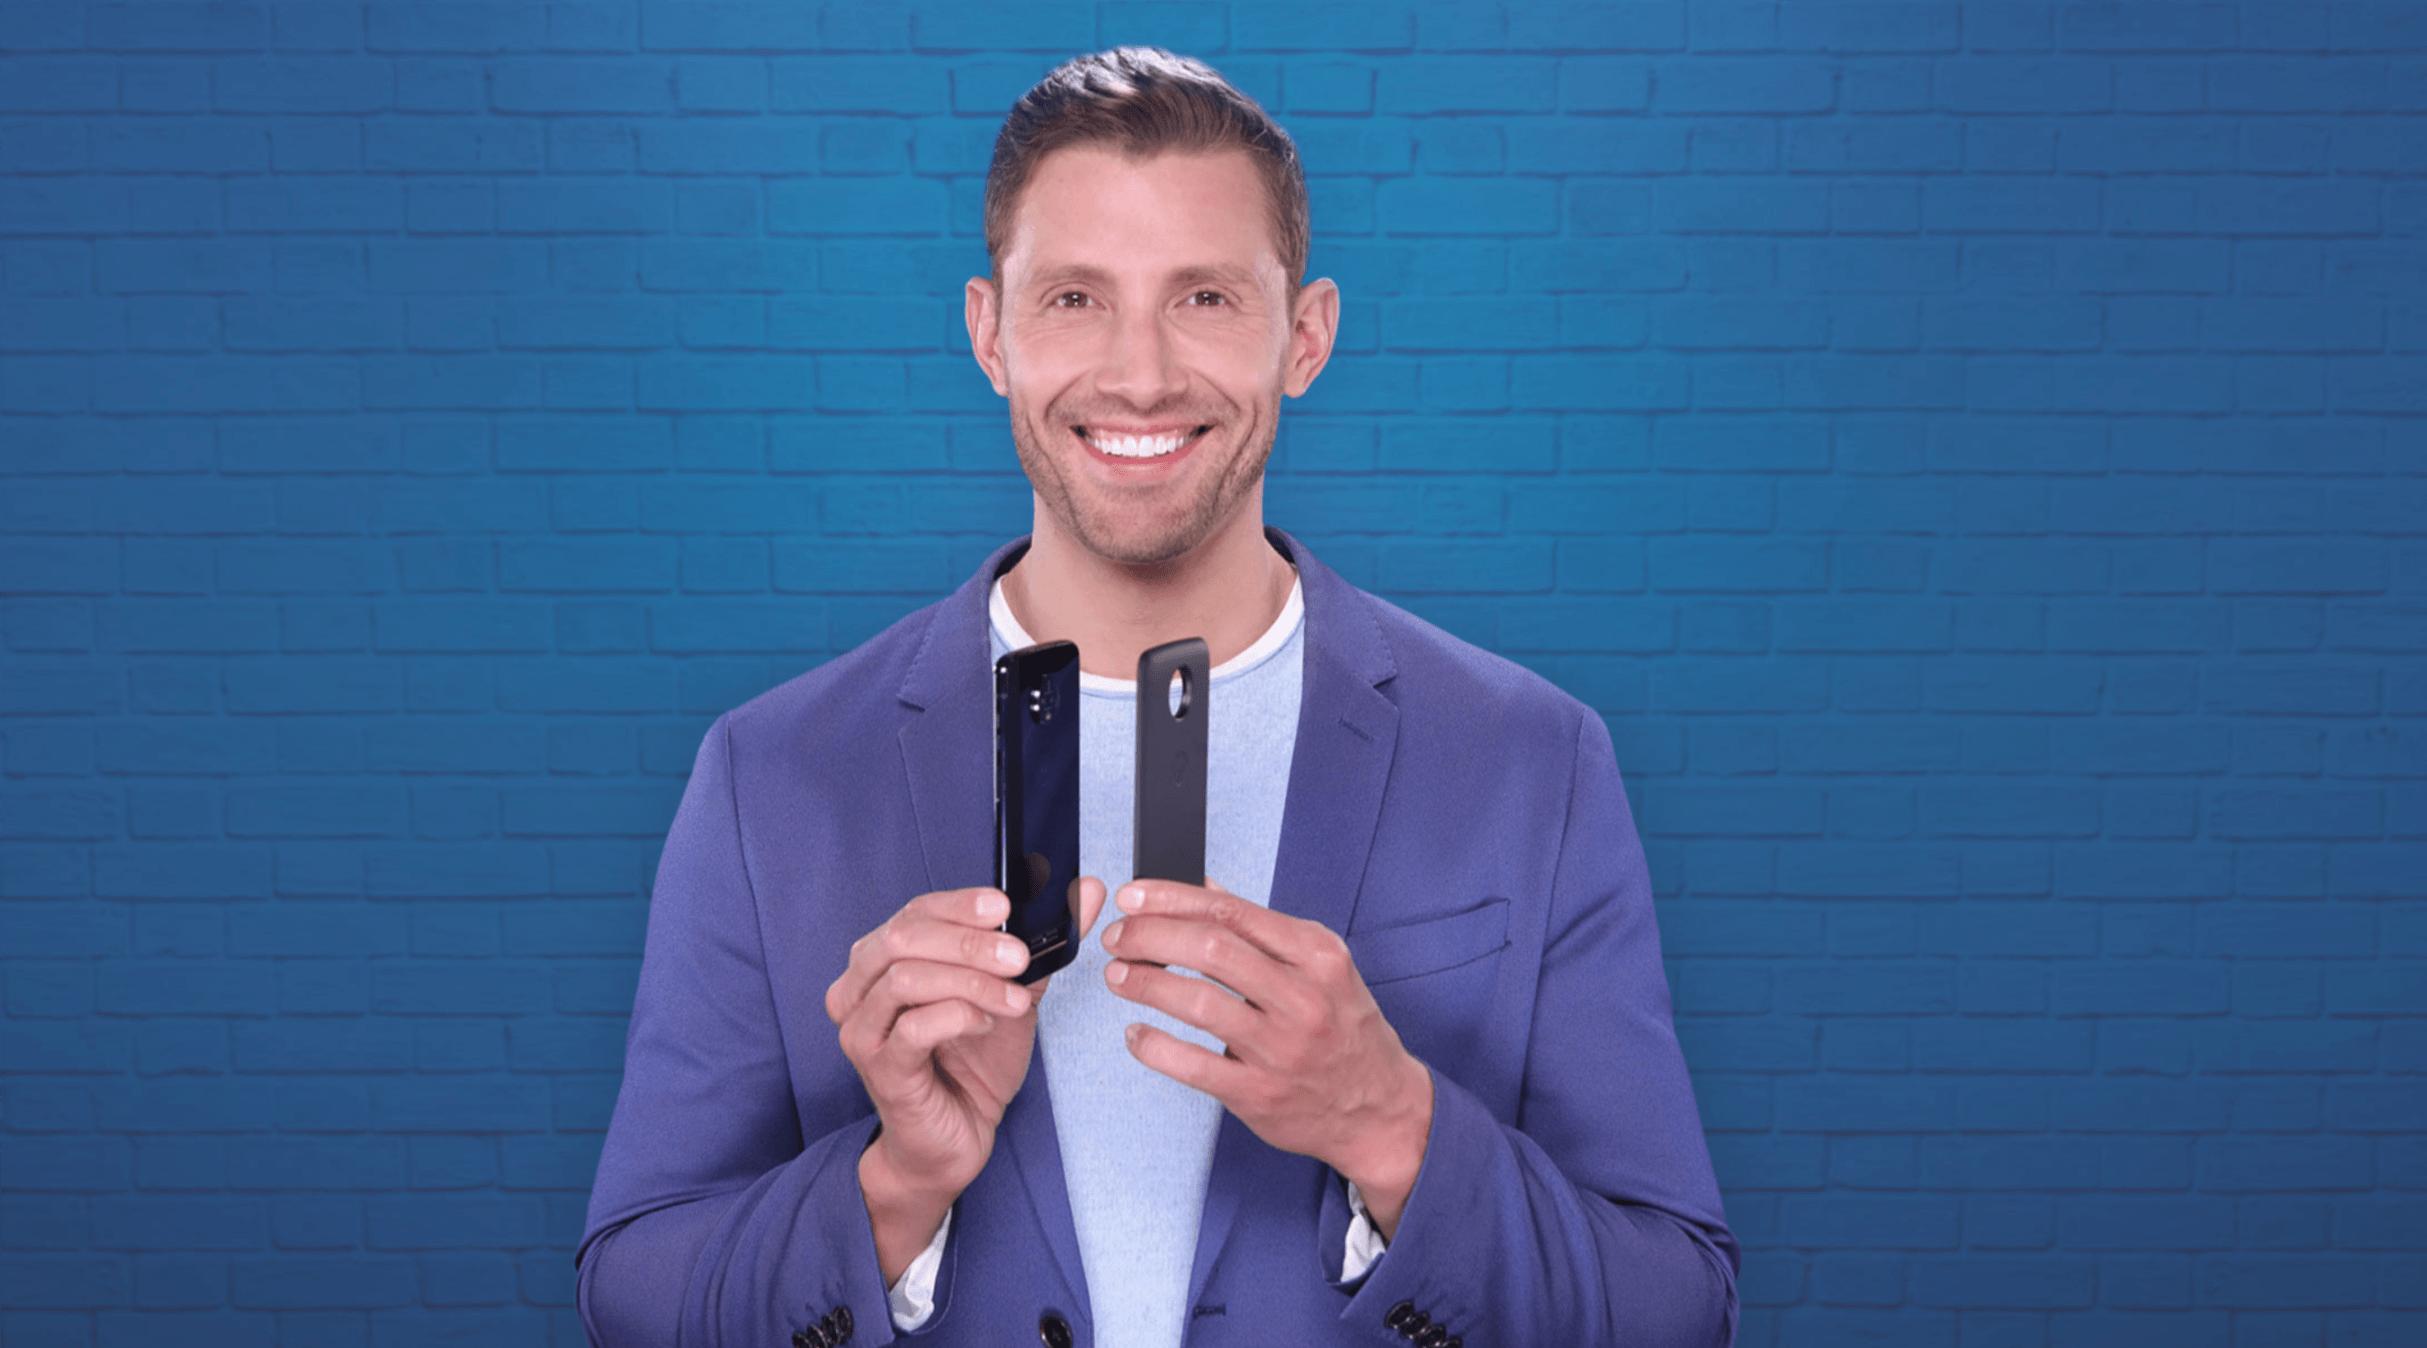 Szalona promocja w Play! Motorola Z3 Play taniej o 700 zł, a do tego aż 3 Moto Modsy gratis! 23